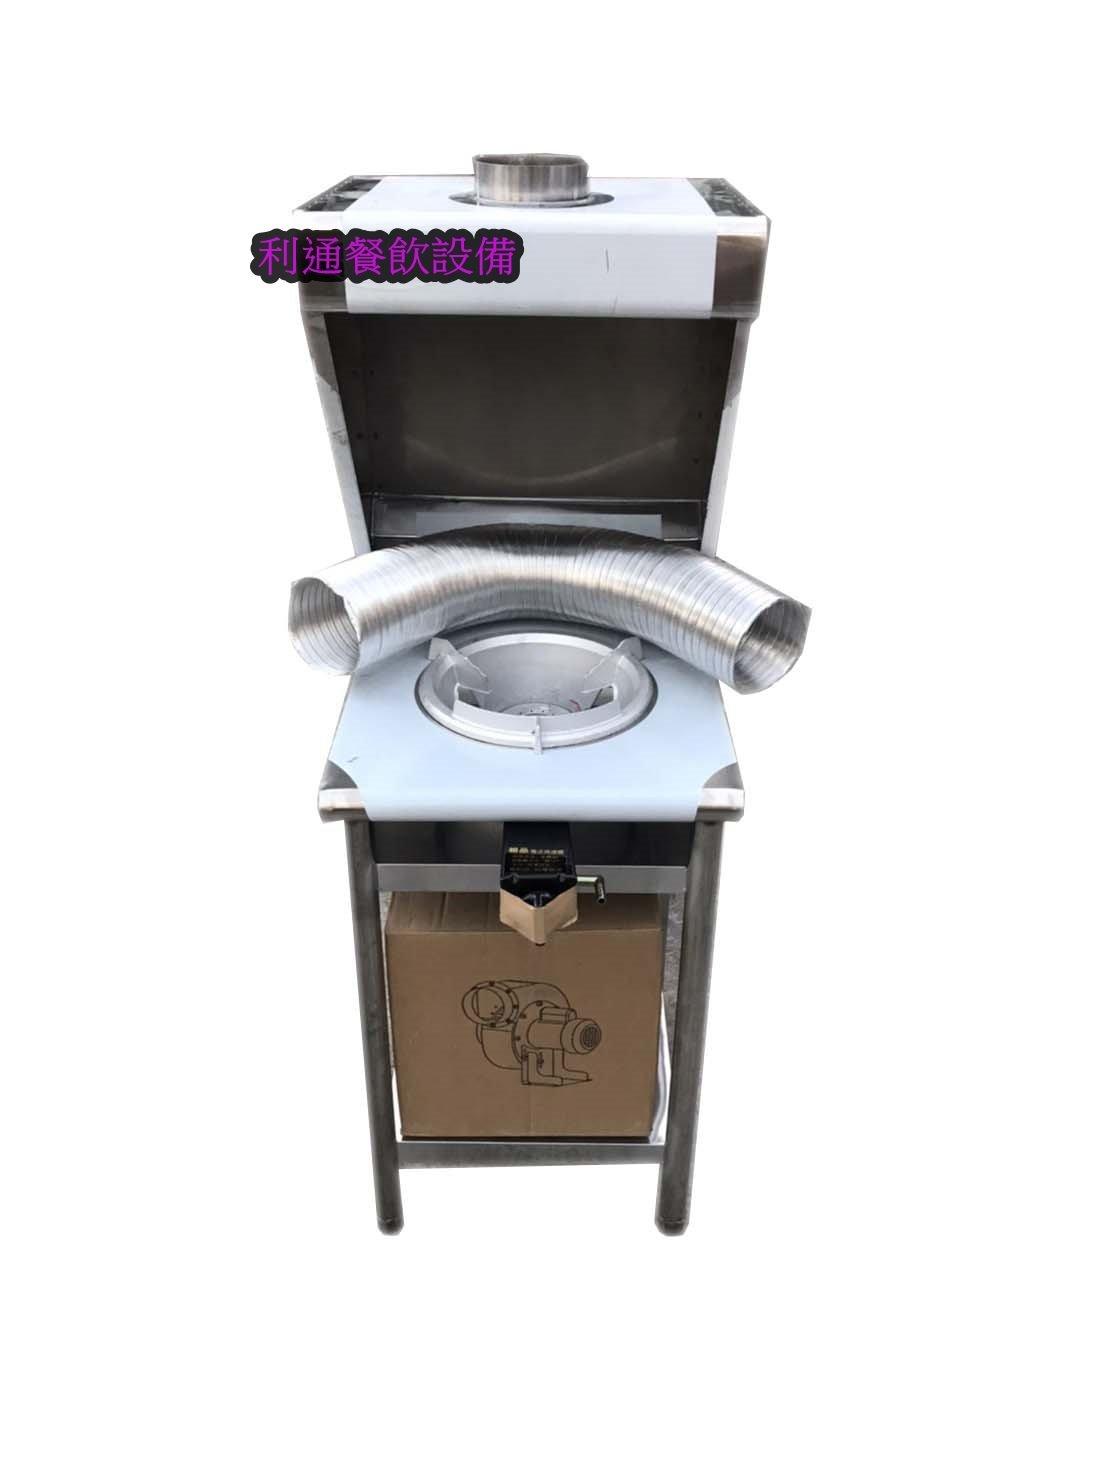 《利通餐飲設備》不鏽鋼煙罩式單口炒台含電子快速爐(馬達.風管) 快速炒台 1口炒台 一口炒台